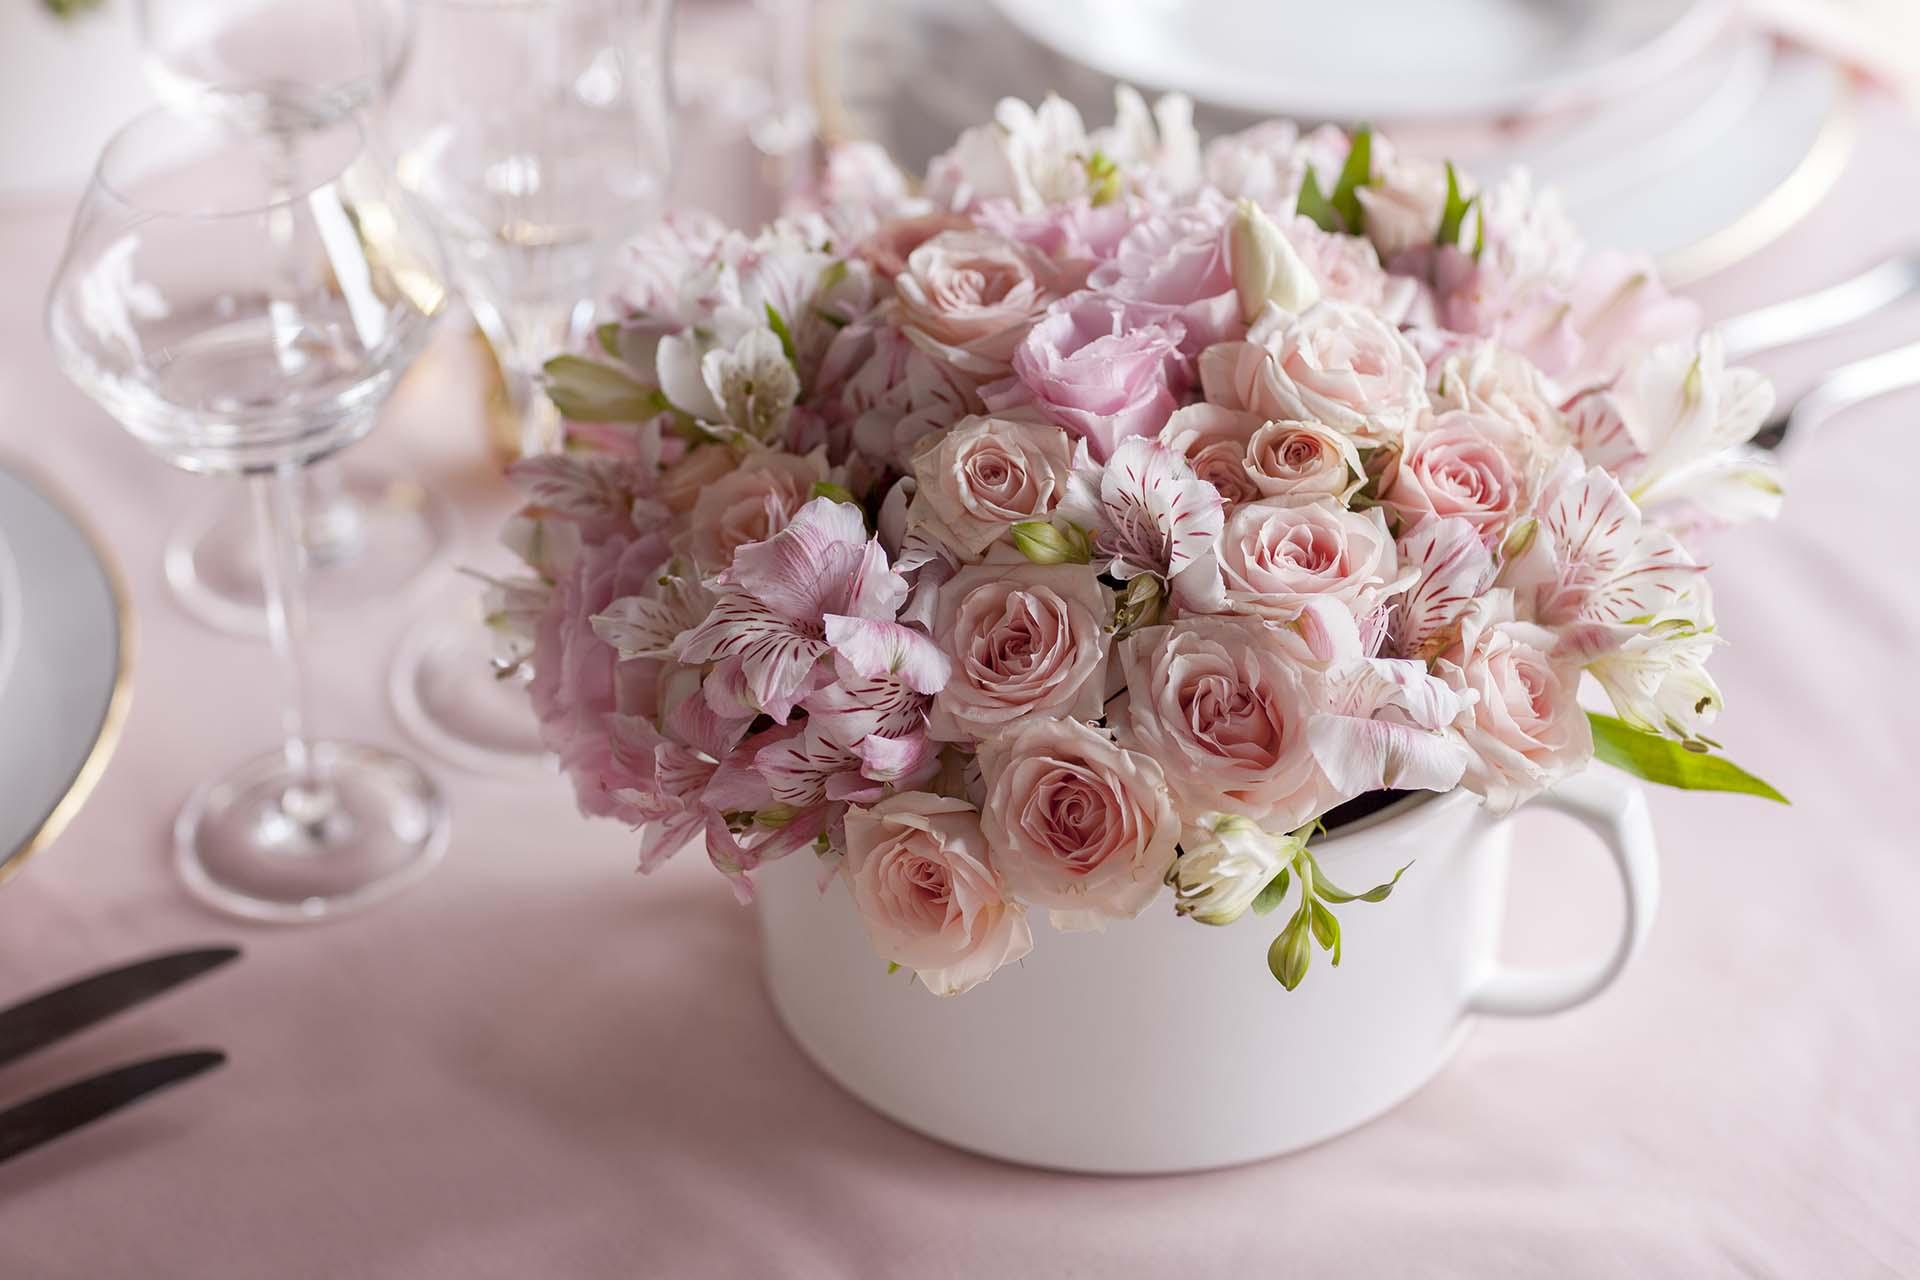 Imagem: Os arranjos de flores em sopeiras são mais uma forma criativa e inusitada para compor a decoração. Aposte! Foto: Raphael Günther/Bespoke Content.